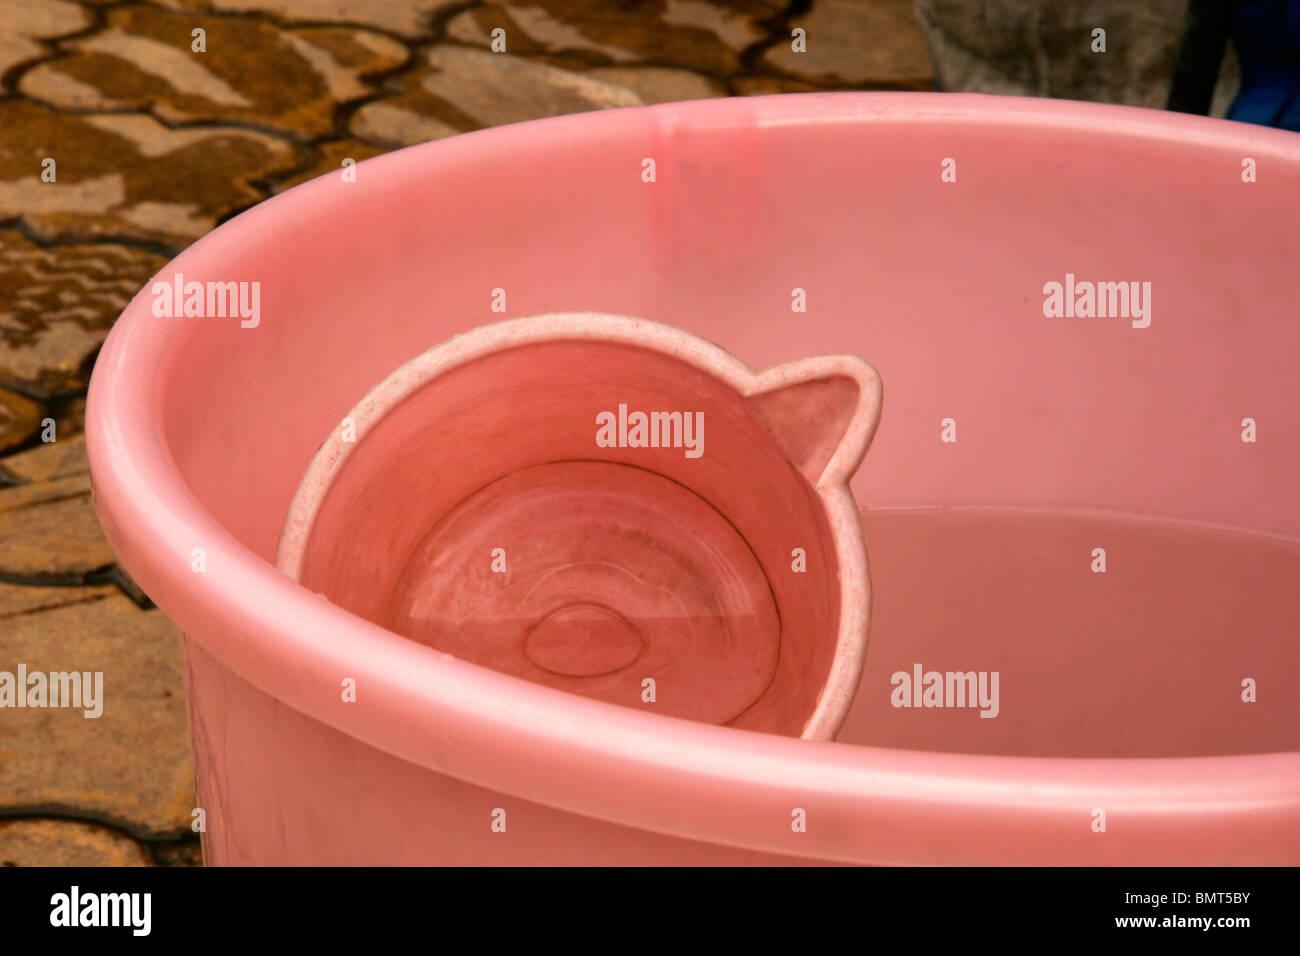 Resumen de cuchara rosa mostrando patrones circulares Foto de stock